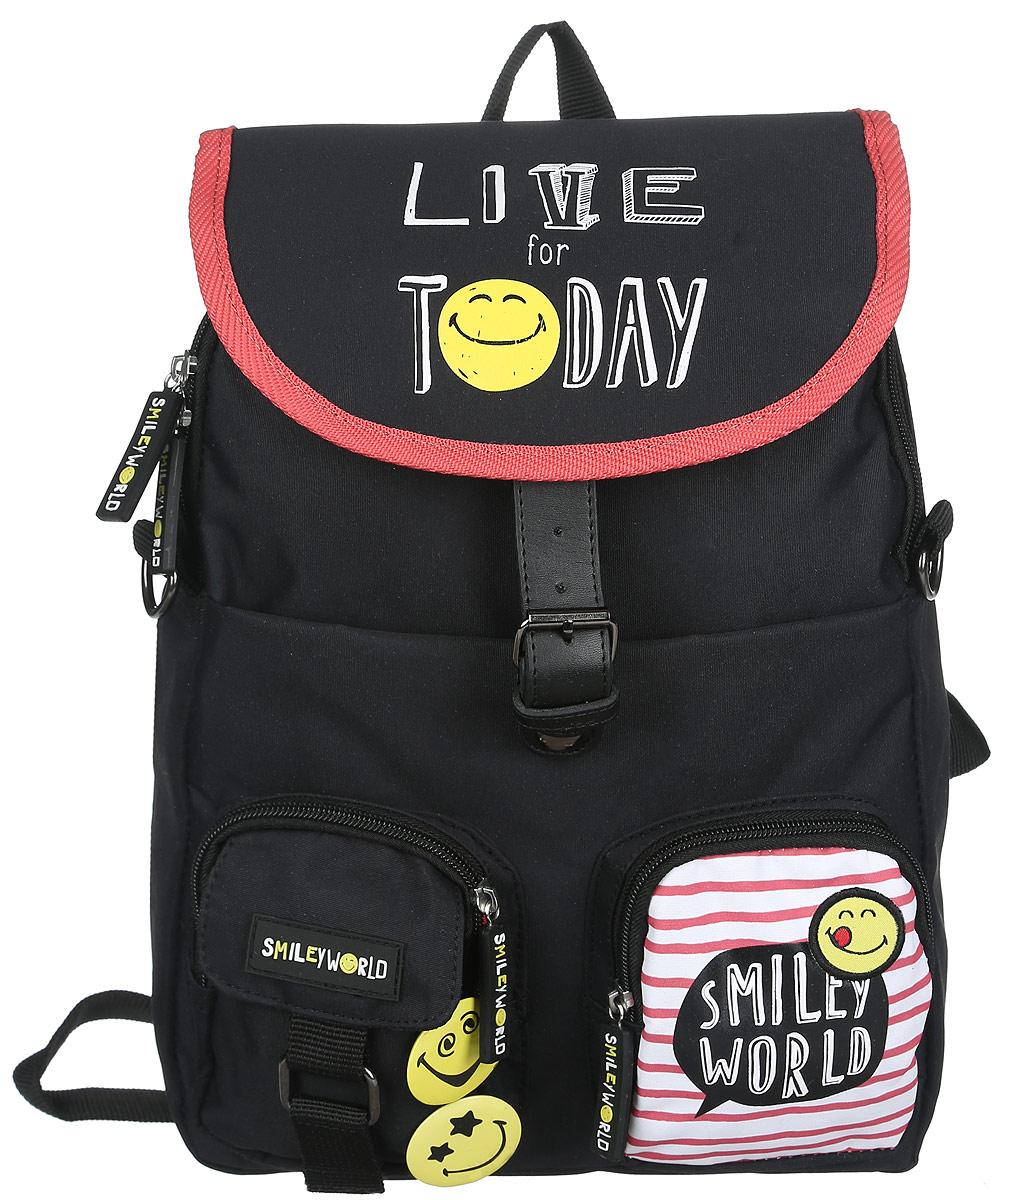 Proff Рюкзак детский Live for TodaySG16-BP-15-01Детский рюкзак Proff Live for Today - это красивый и удобный рюкзак, который подойдет всем, кто хочет разнообразить свои школьные будни. Внешние поверхности рюкзака, подкладка выполнены из полиэстера, уплотнители - из поролона, элементы отделки - из пластика, металла, ПВХ. На лицевой стороне рюкзак декорирован двумя значками в виде смайликов.Рюкзак имеет одно основное отделение, закрывающееся на молнию, а сверху клапаном на магнитную защелку. Внутри отделения нет карманов. На лицевой стороне расположены три кармана, два из которых на молниях, один на застежке-липучке. Под клапаном на лицевой стороне находится вместительный карман на молнии, внутри которого располагаются четыре кармашка под мобильный телефон и канцелярские принадлежности, лента с карабином для ключей.Рюкзак оснащен текстильной ручкой для переноски в руке и подвешивания. Лямки рюкзака можно регулировать по длине.Многофункциональный детский рюкзак станет незаменимым спутником вашего ребенка.